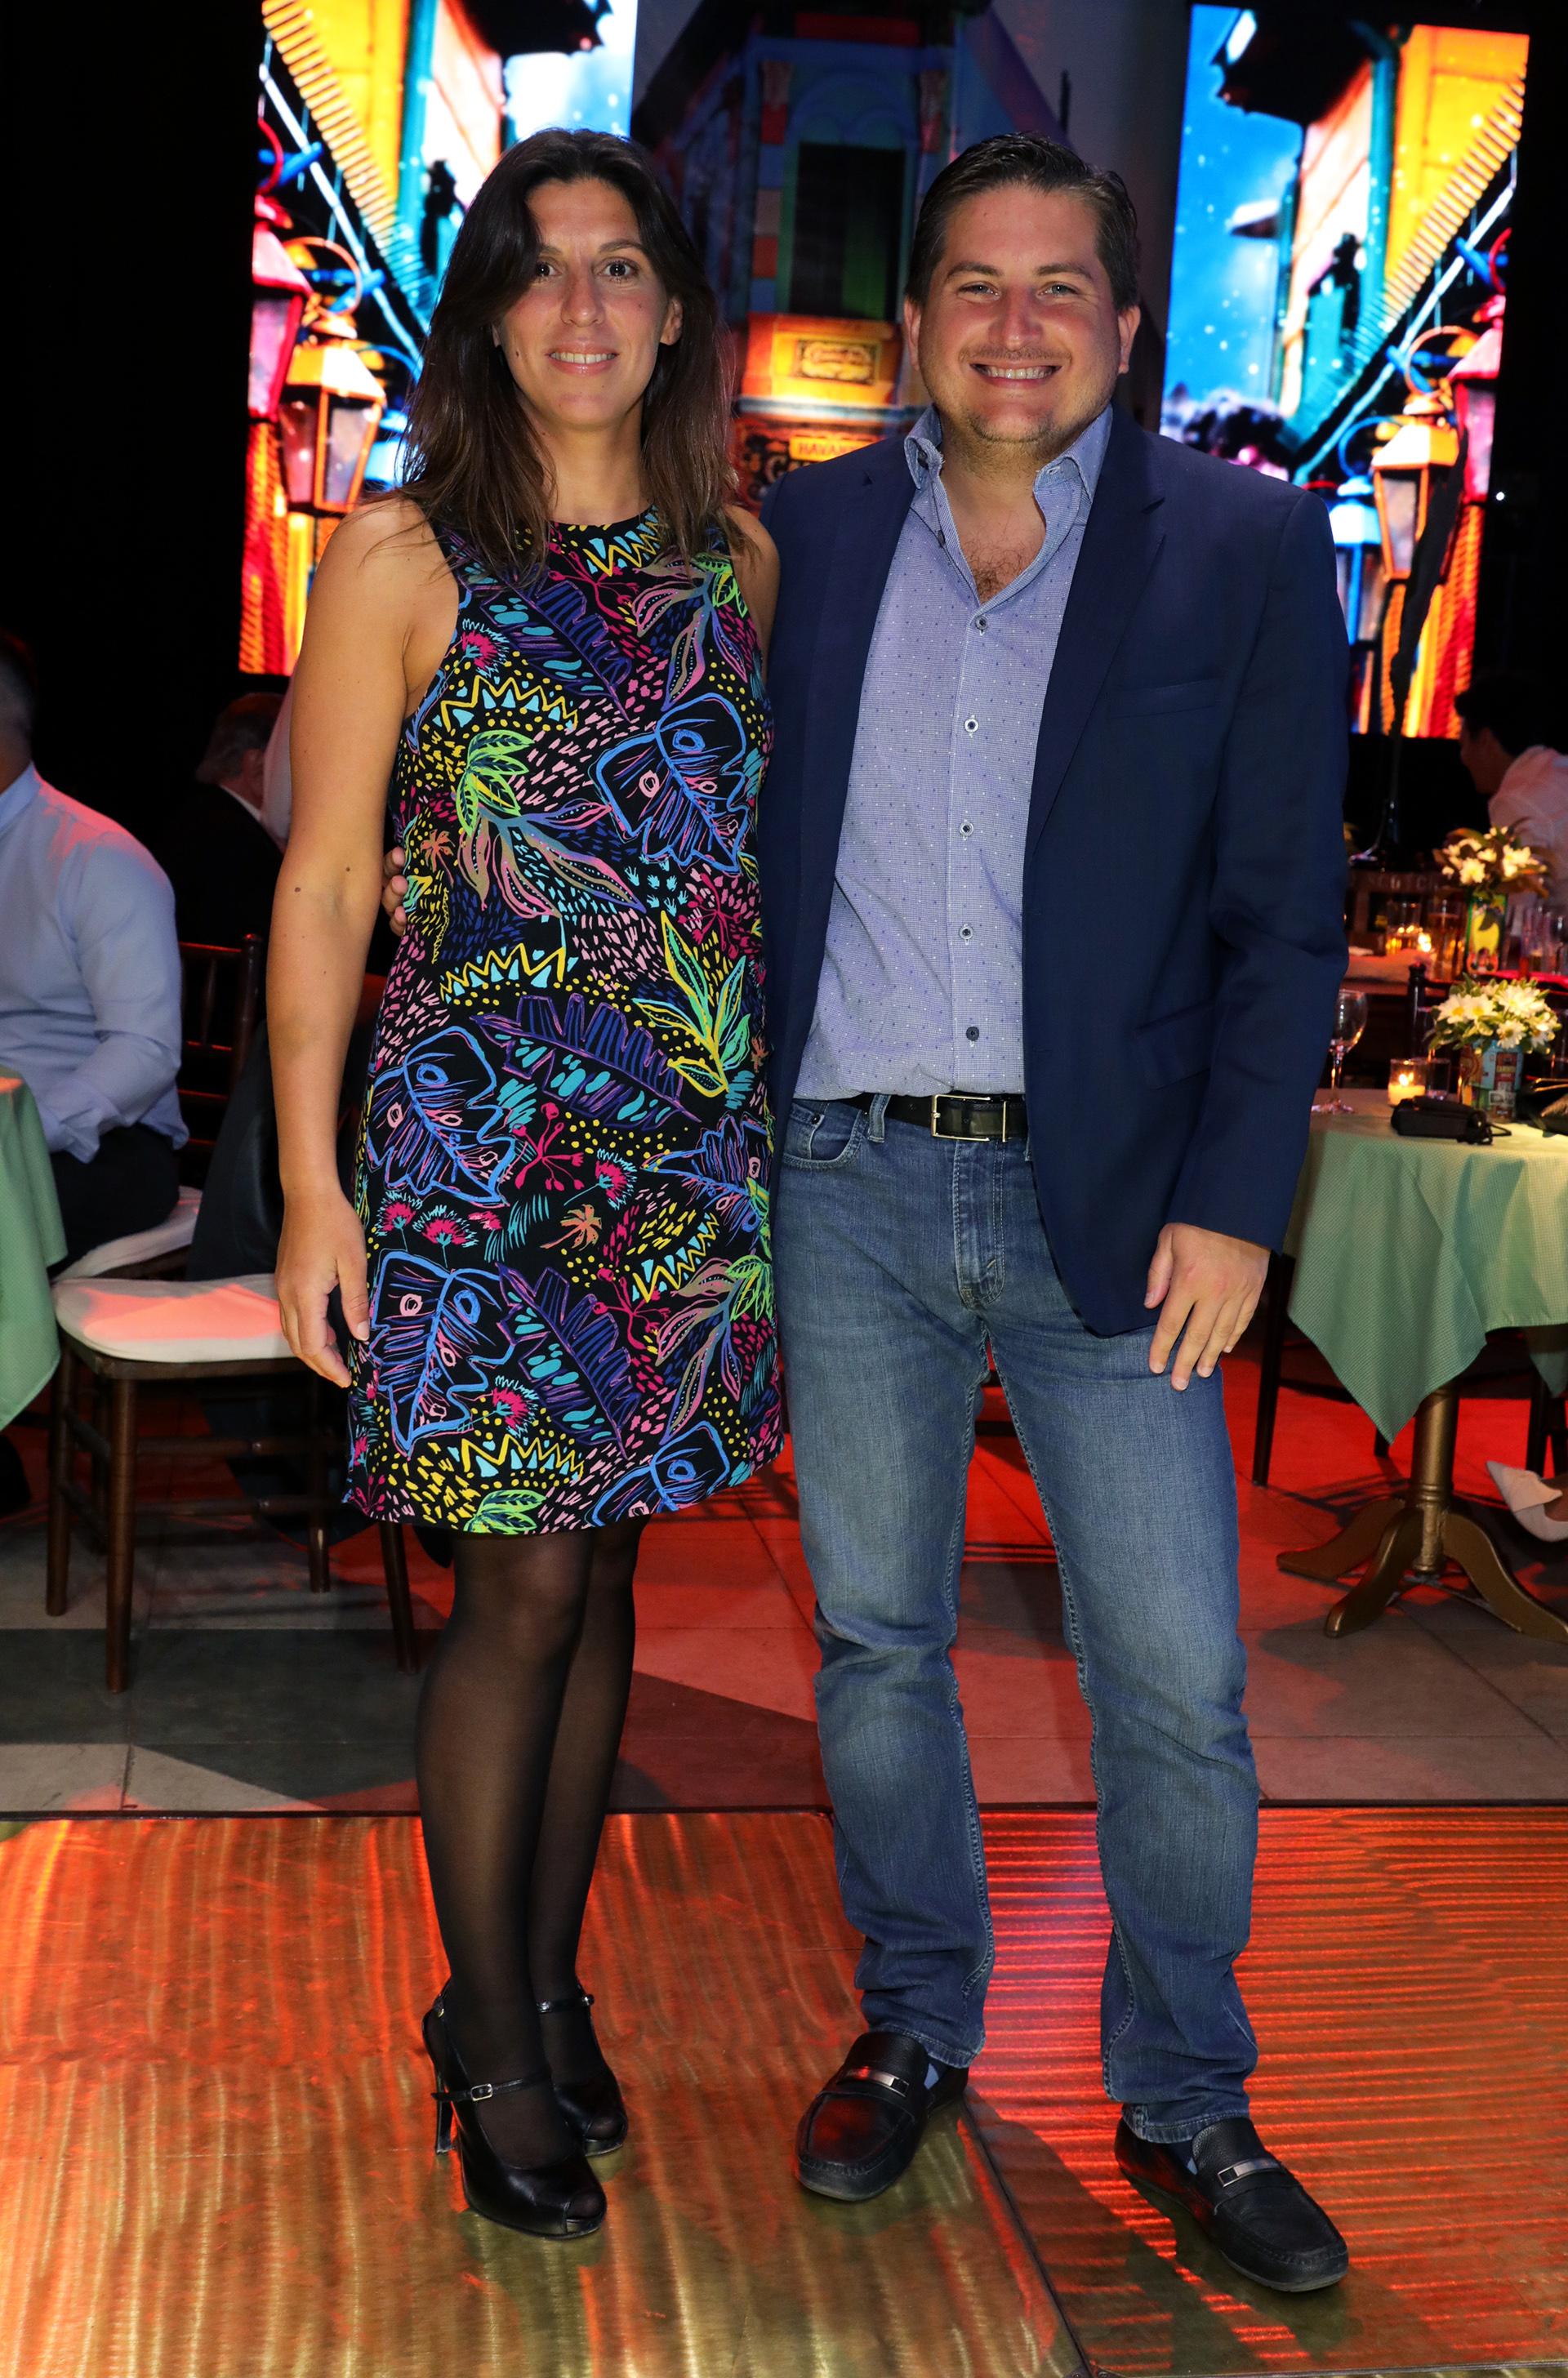 Gastón Corral, director de Sustentabilidad Corporativa de HSBC Argentina, y su mujer Romina Sasso en el sector ambientado en Caminito